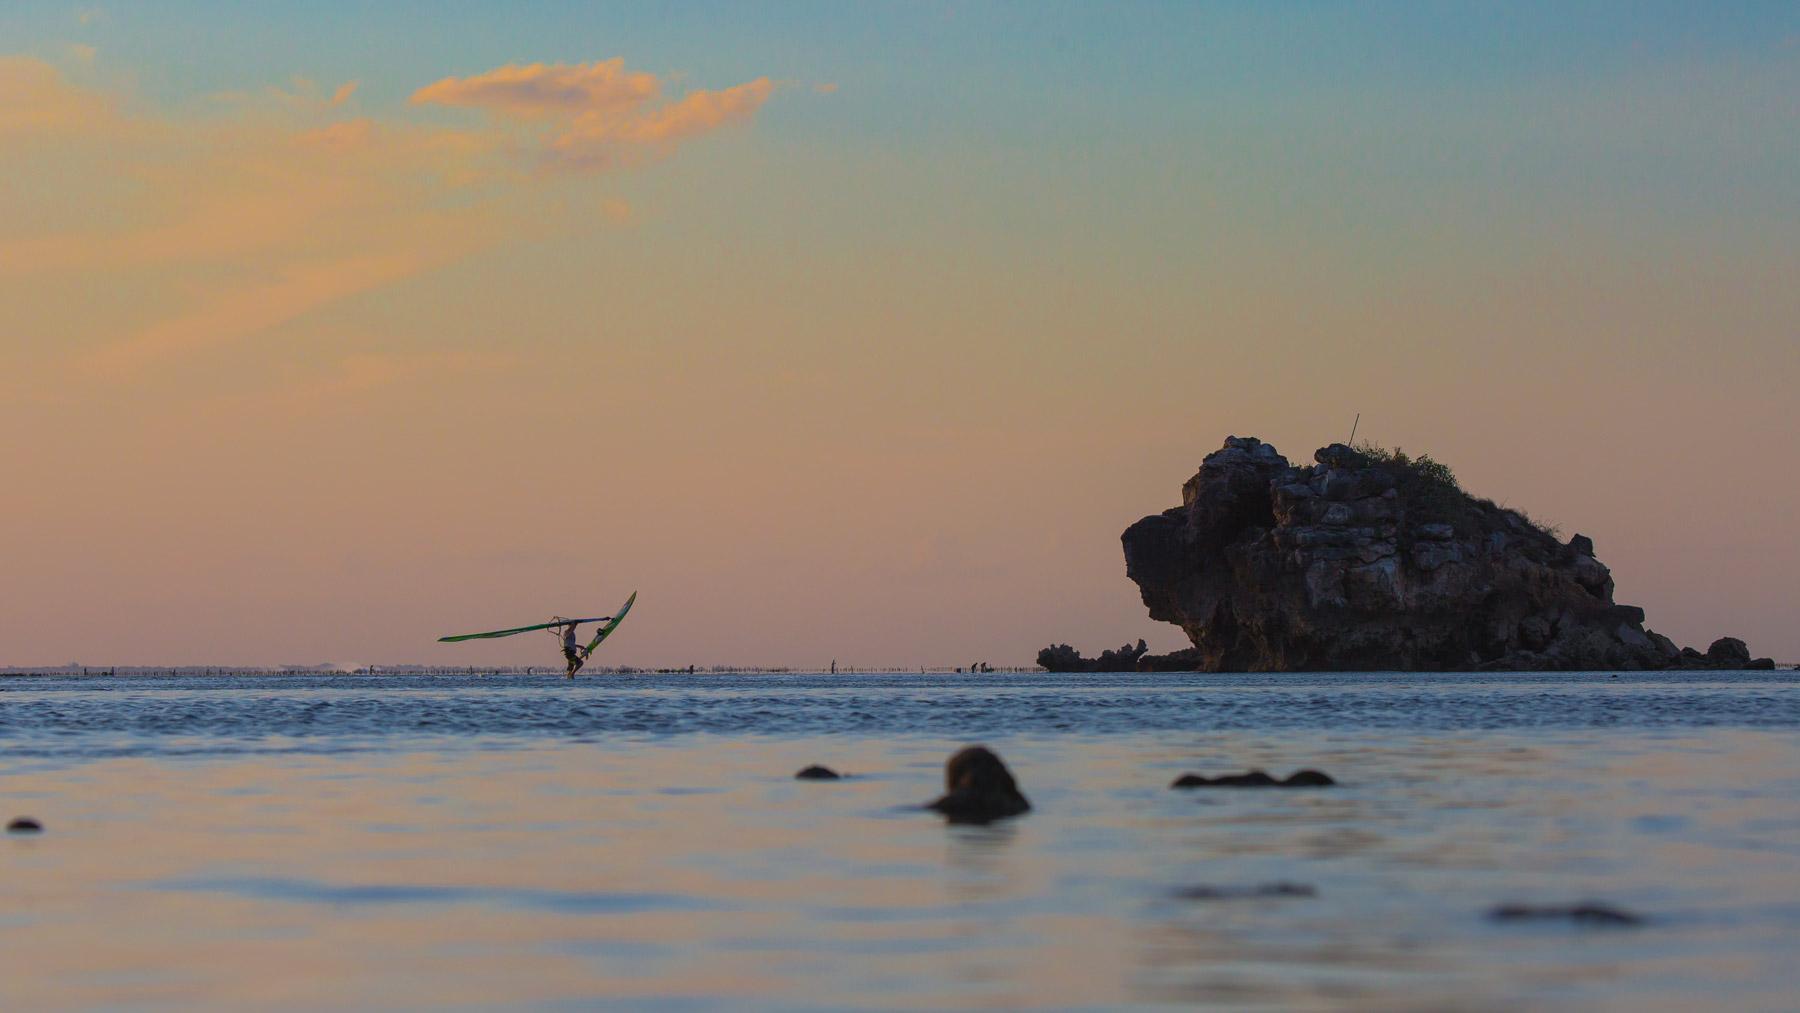 windsurfing finished at sunset